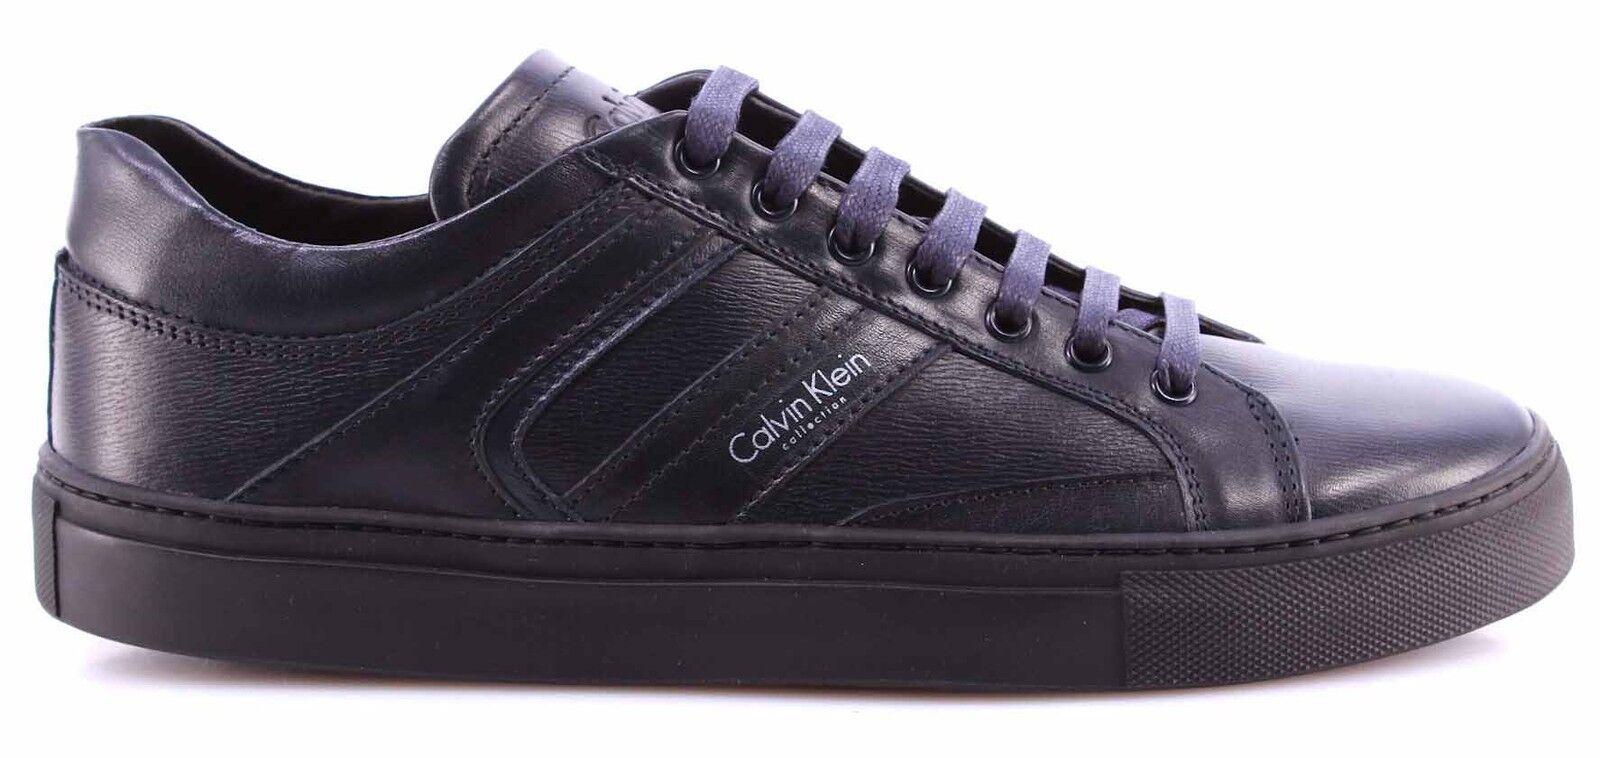 Herren Schuhe Sneakers CALVIN KLEIN Collection 4065-051 Grafic Blu Blau Leder